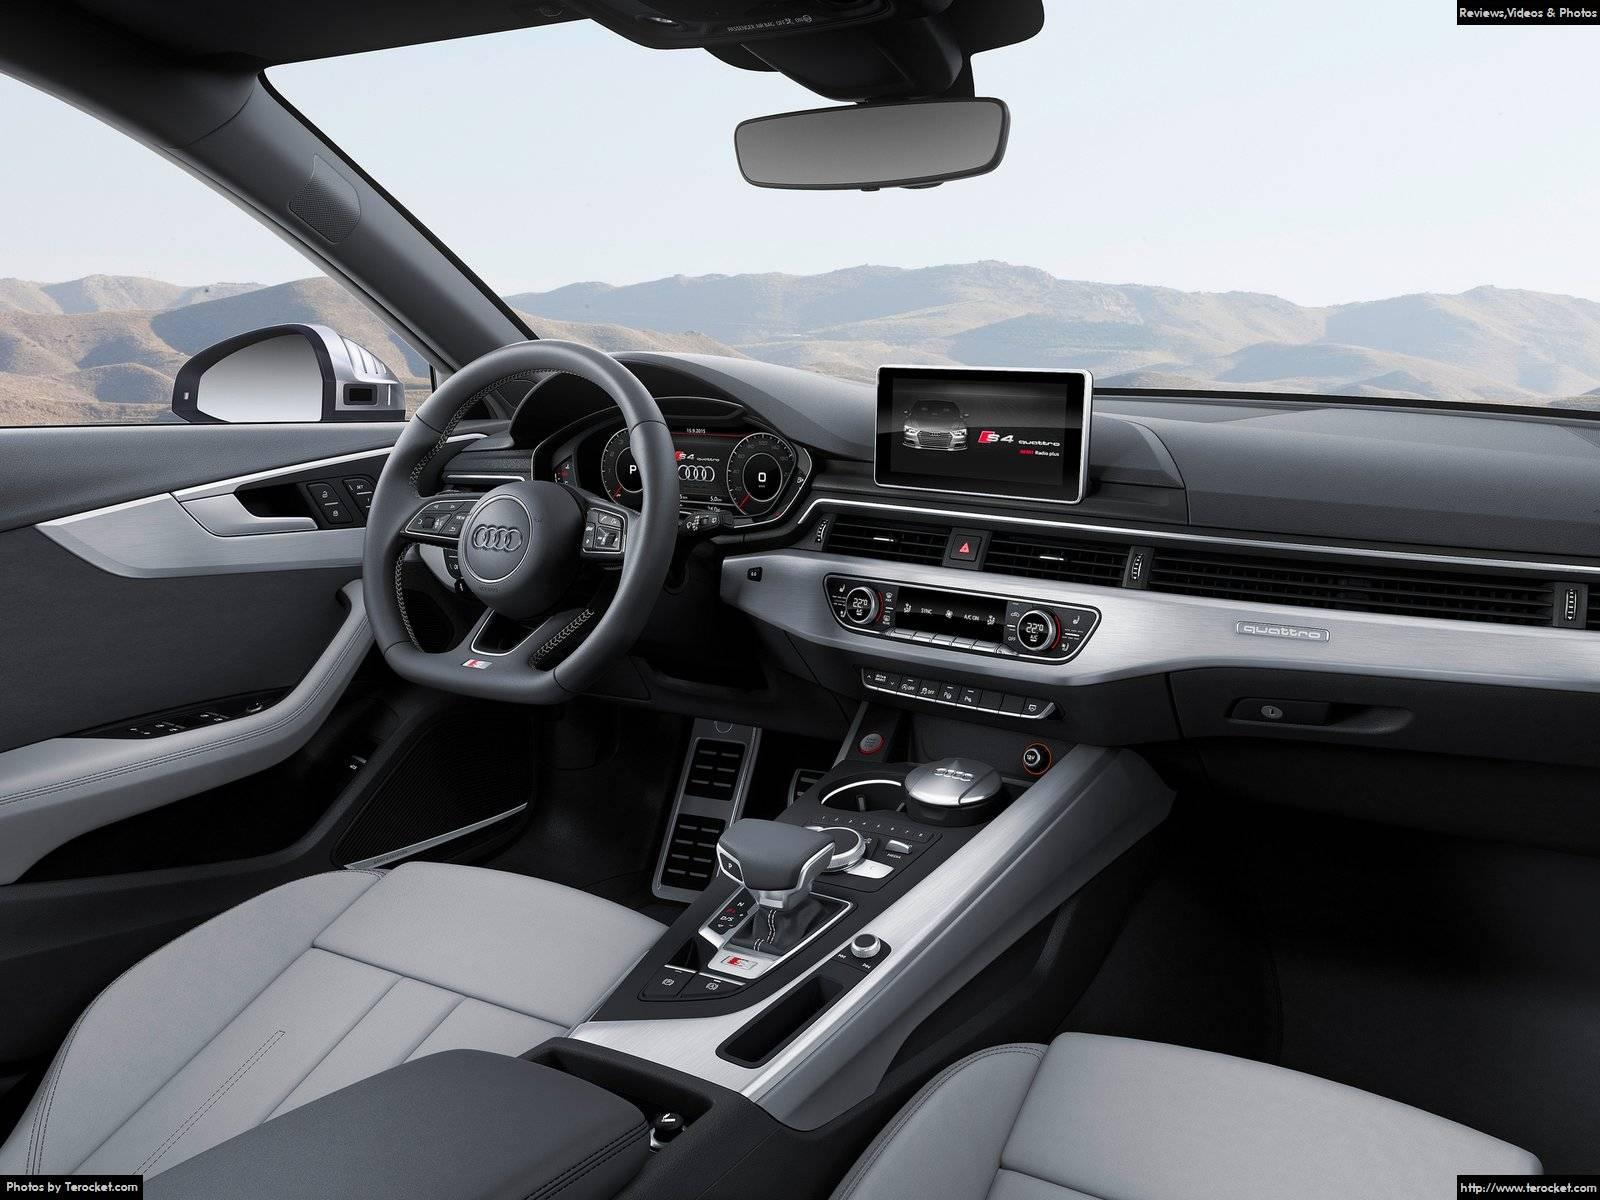 Hình ảnh xe ô tô Audi S4 Avant 2017 & nội ngoại thất